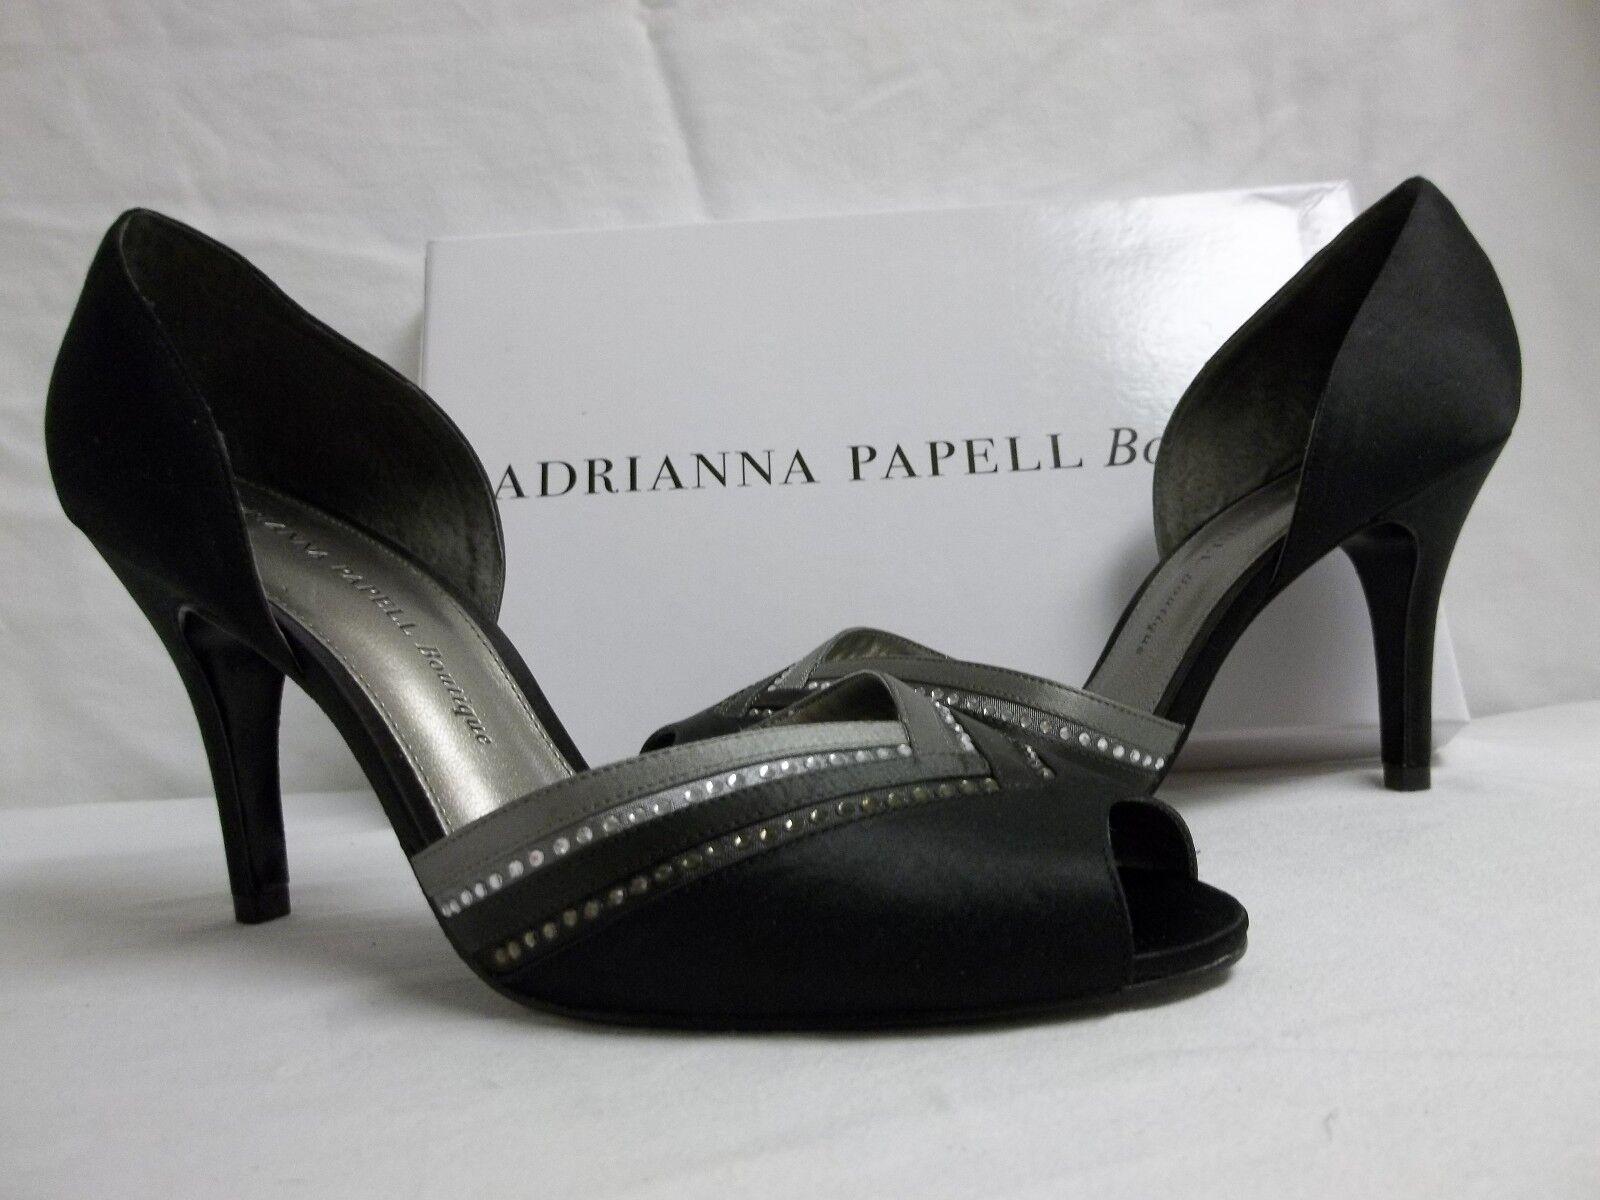 Adrianna Papell Boutique Talla 9 M Gambit Satén Puntera Puntera Puntera abierta Tacones nuevo Zapatos para mujer  gran descuento